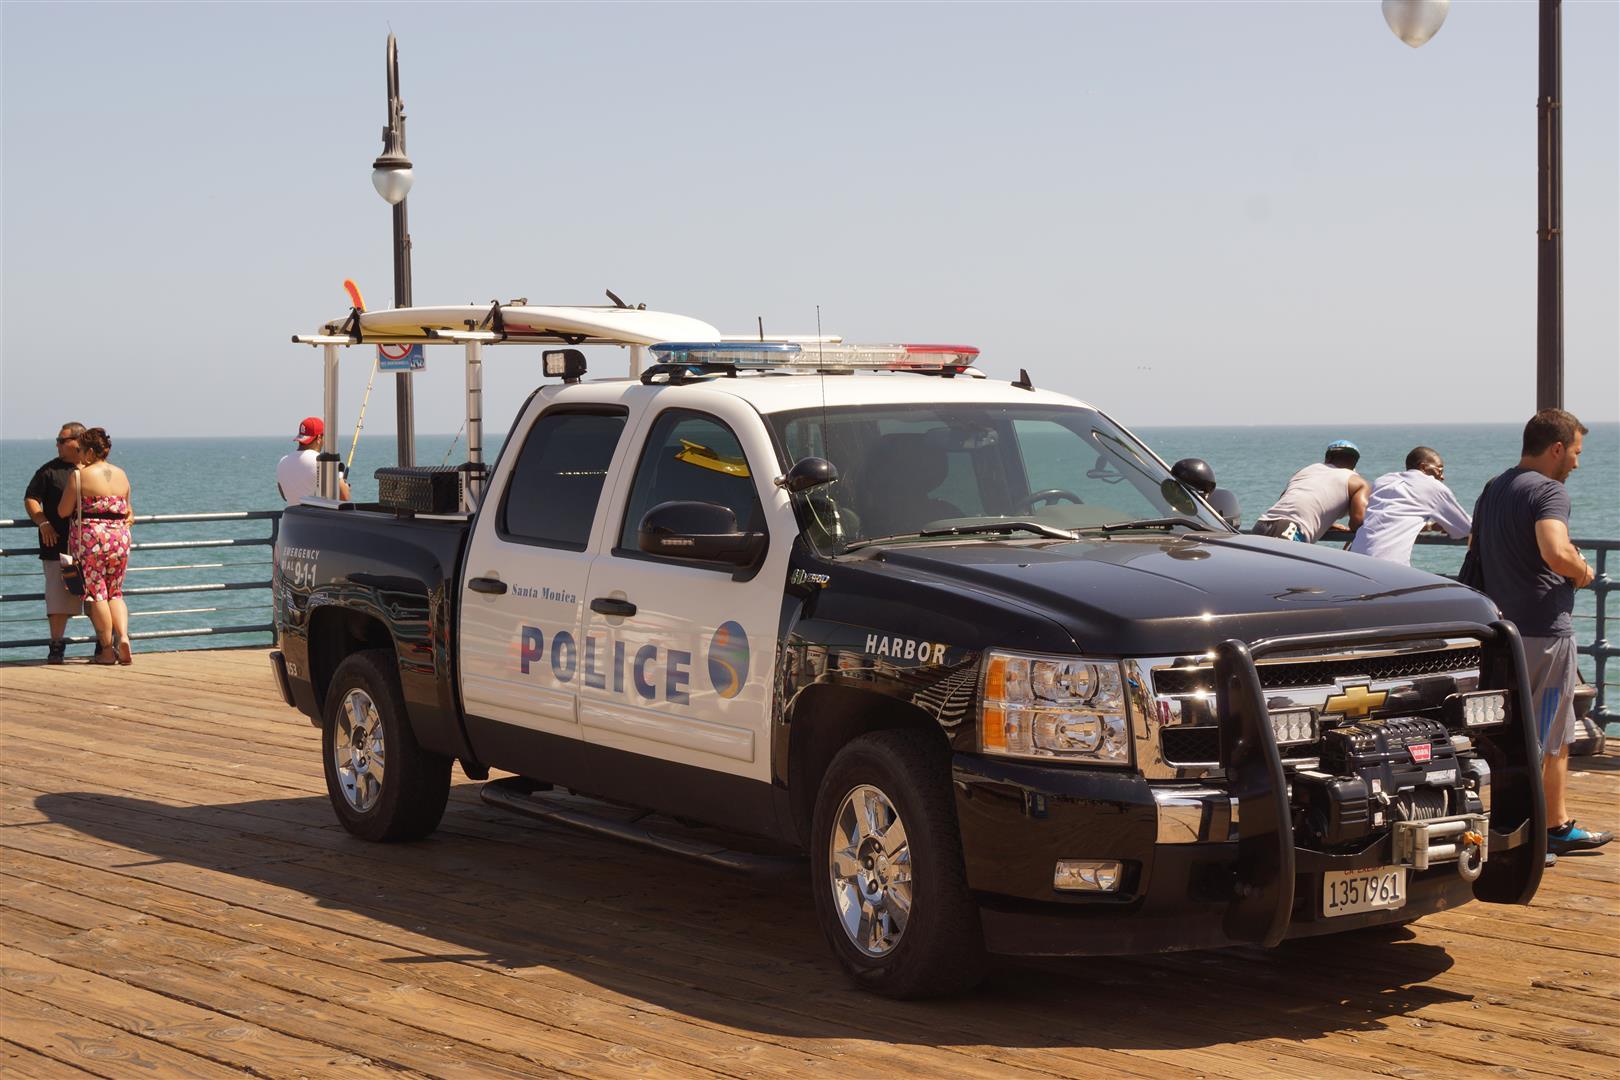 Mit Santa Monica Police Truck - auf Hochglanz poliert.